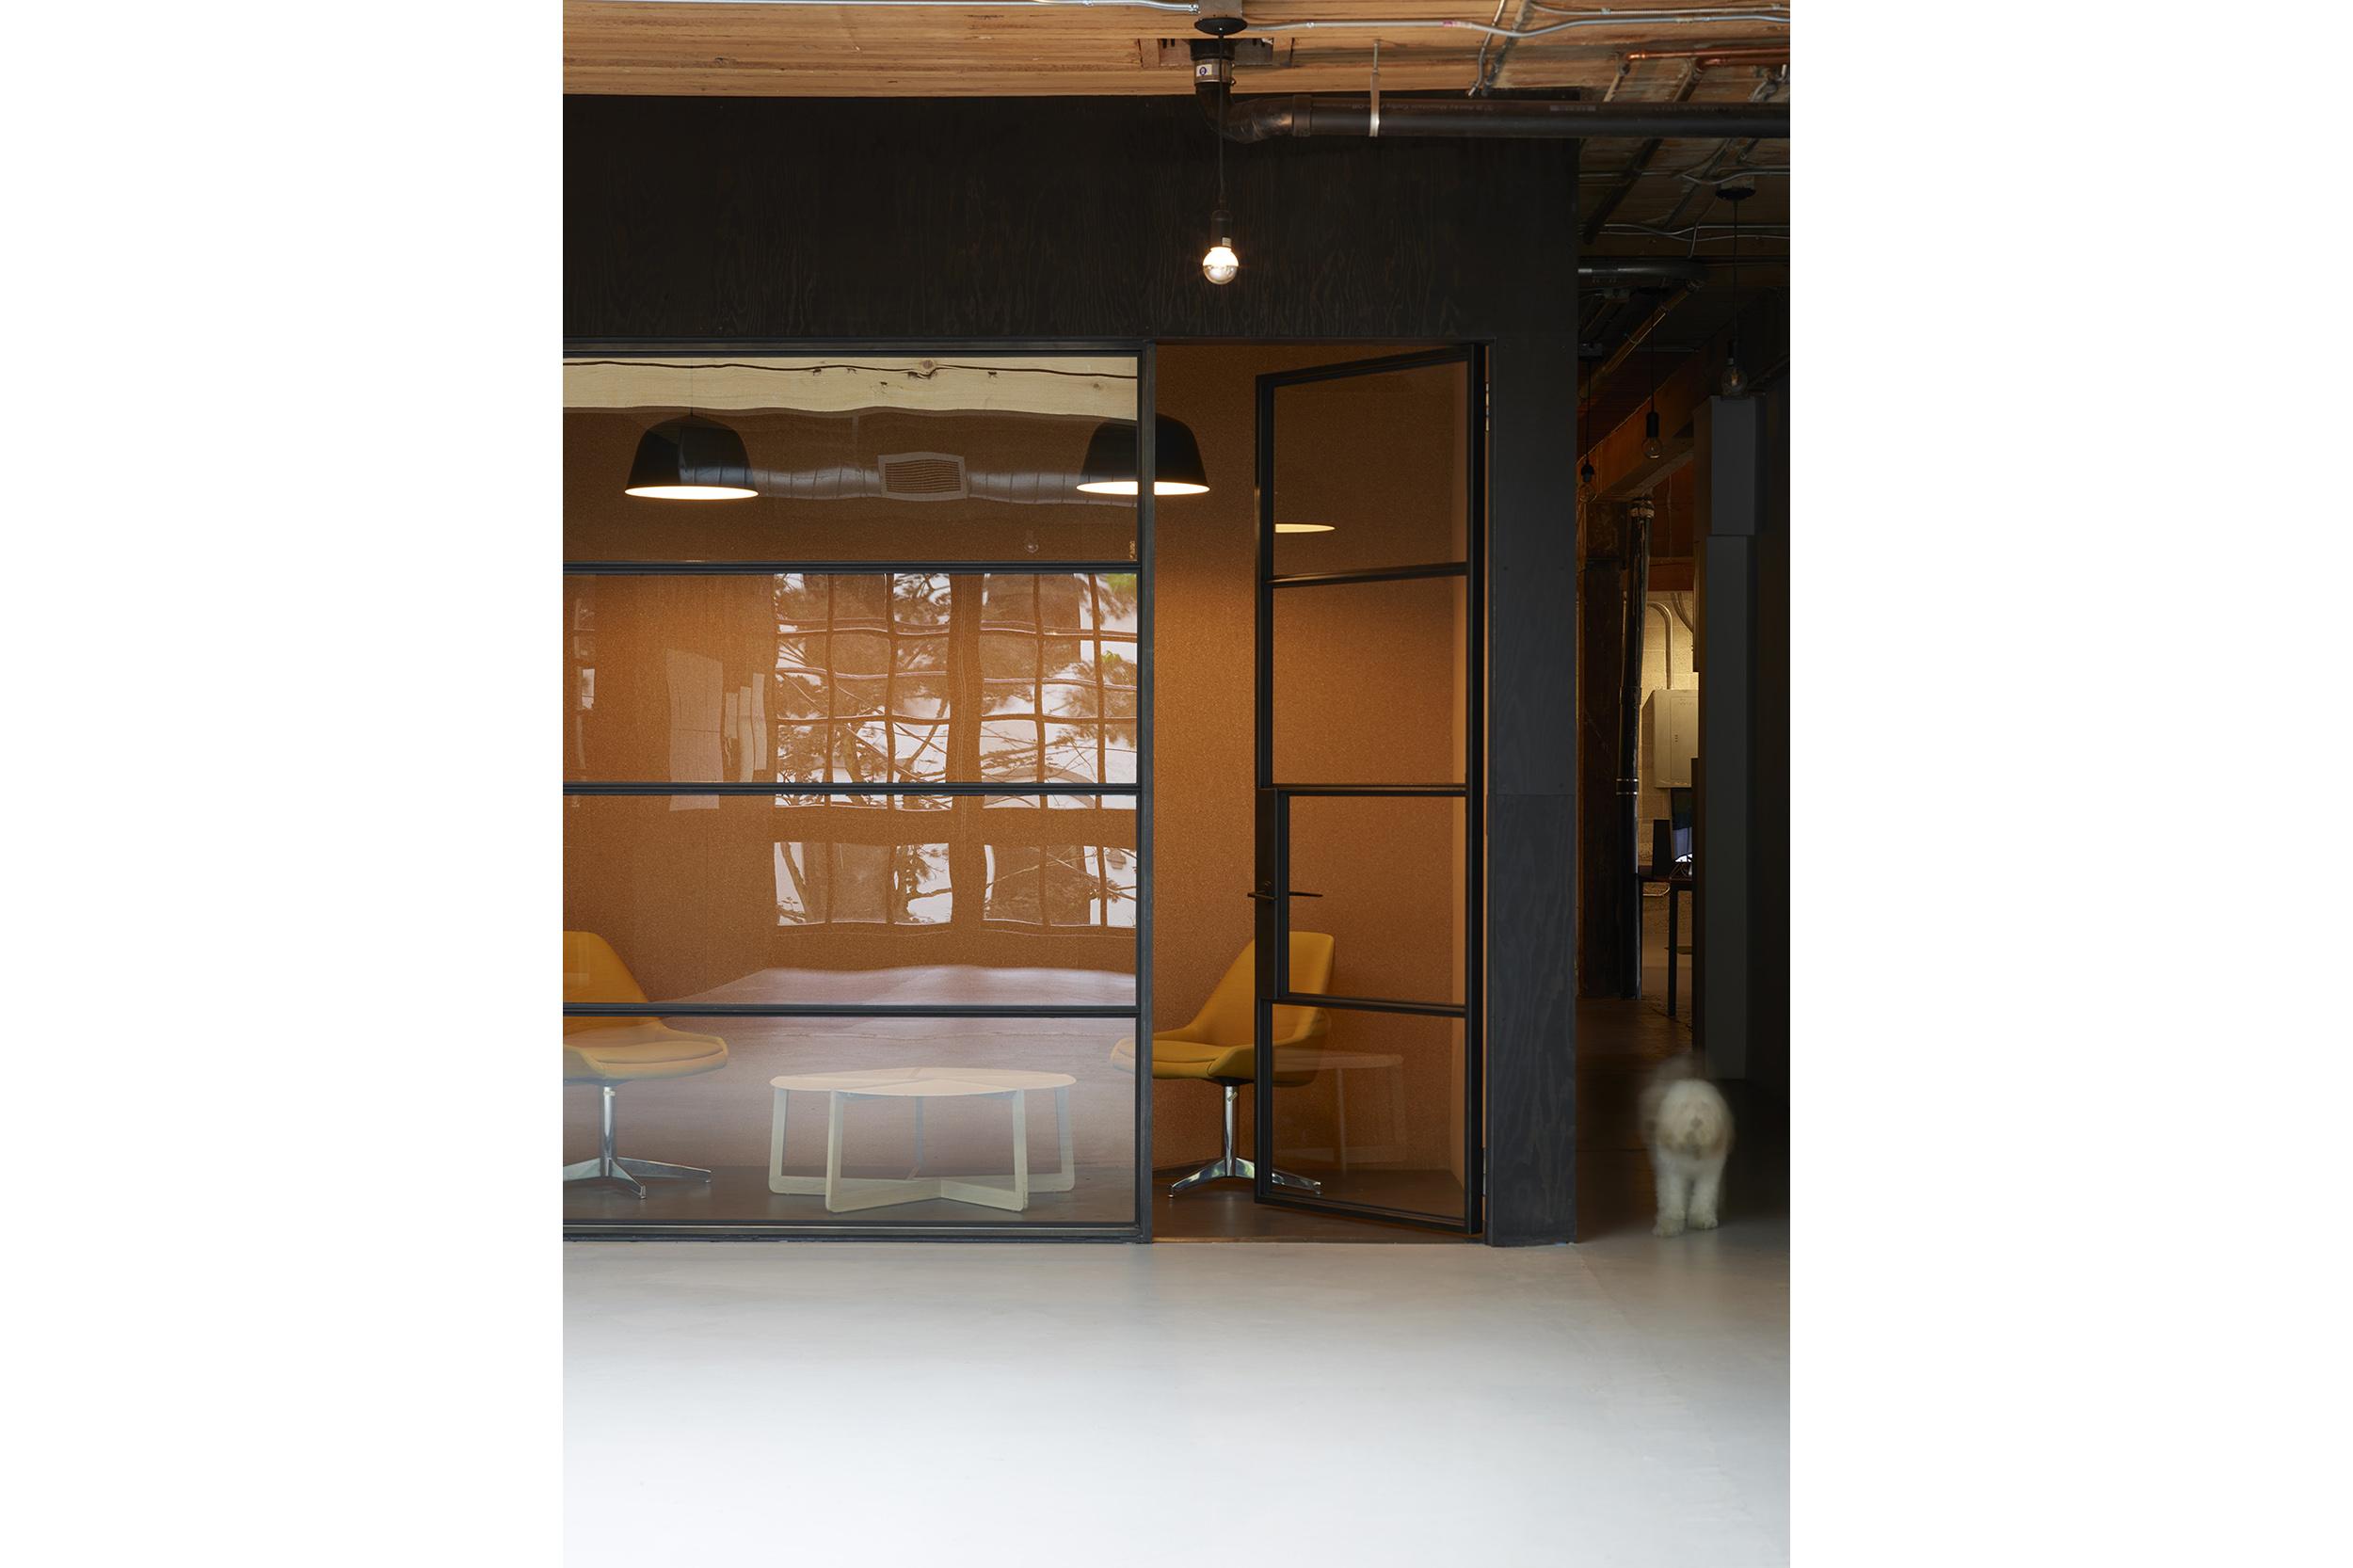 goCstudio_Substantial_phone room.jpg